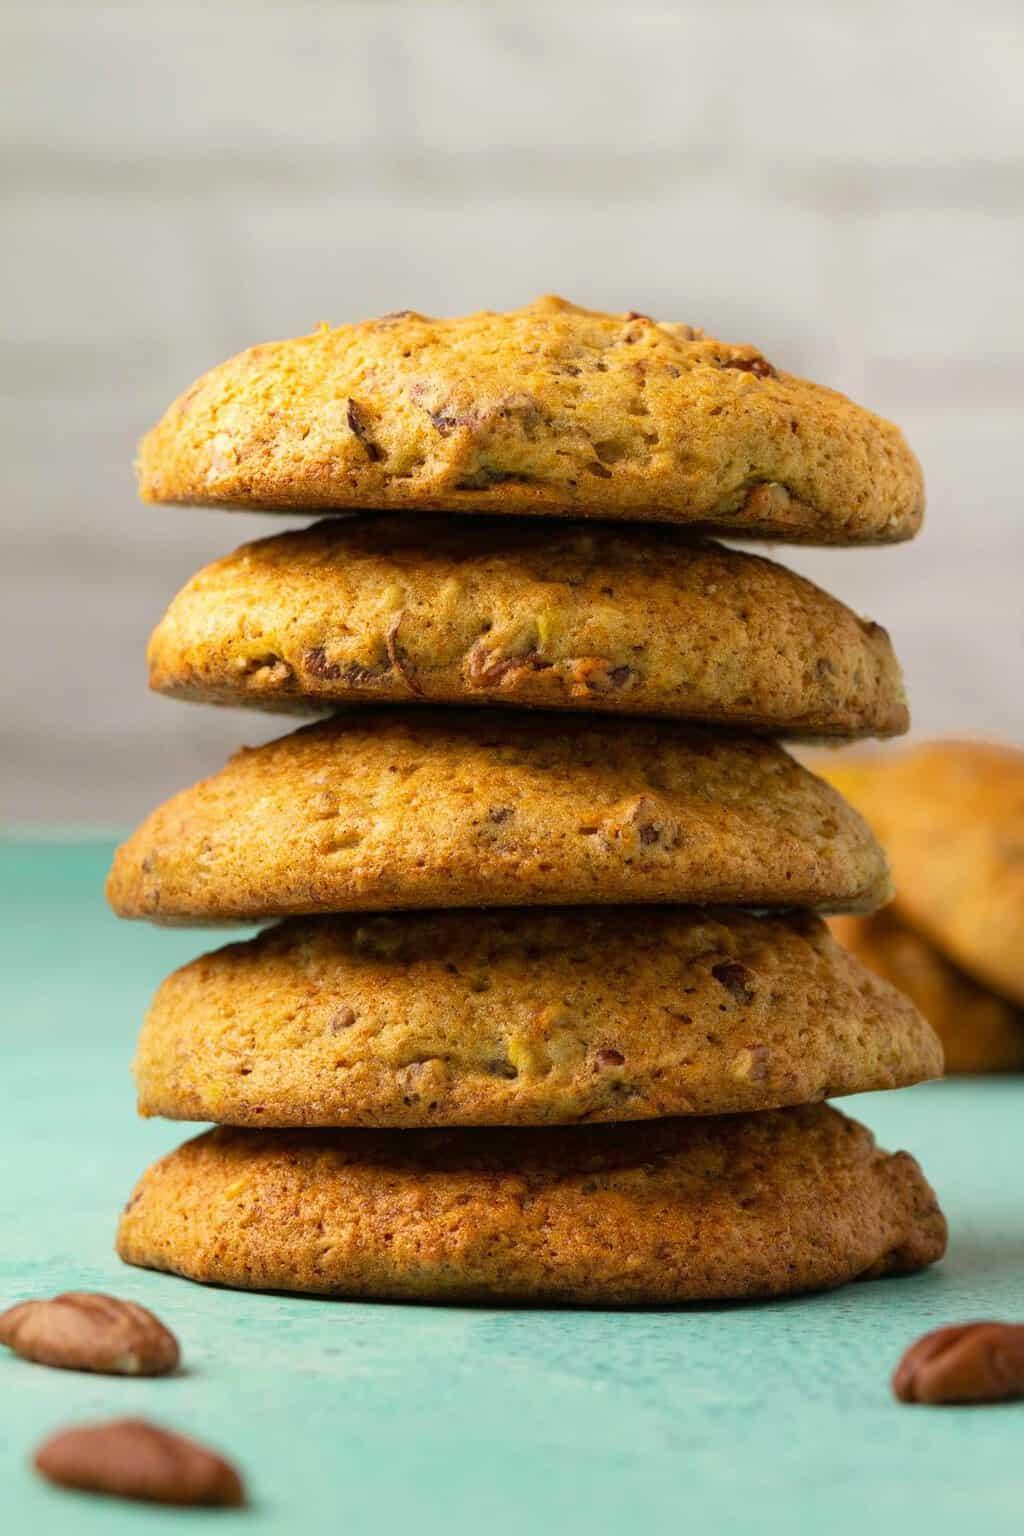 A stack of vegan banana cookies.